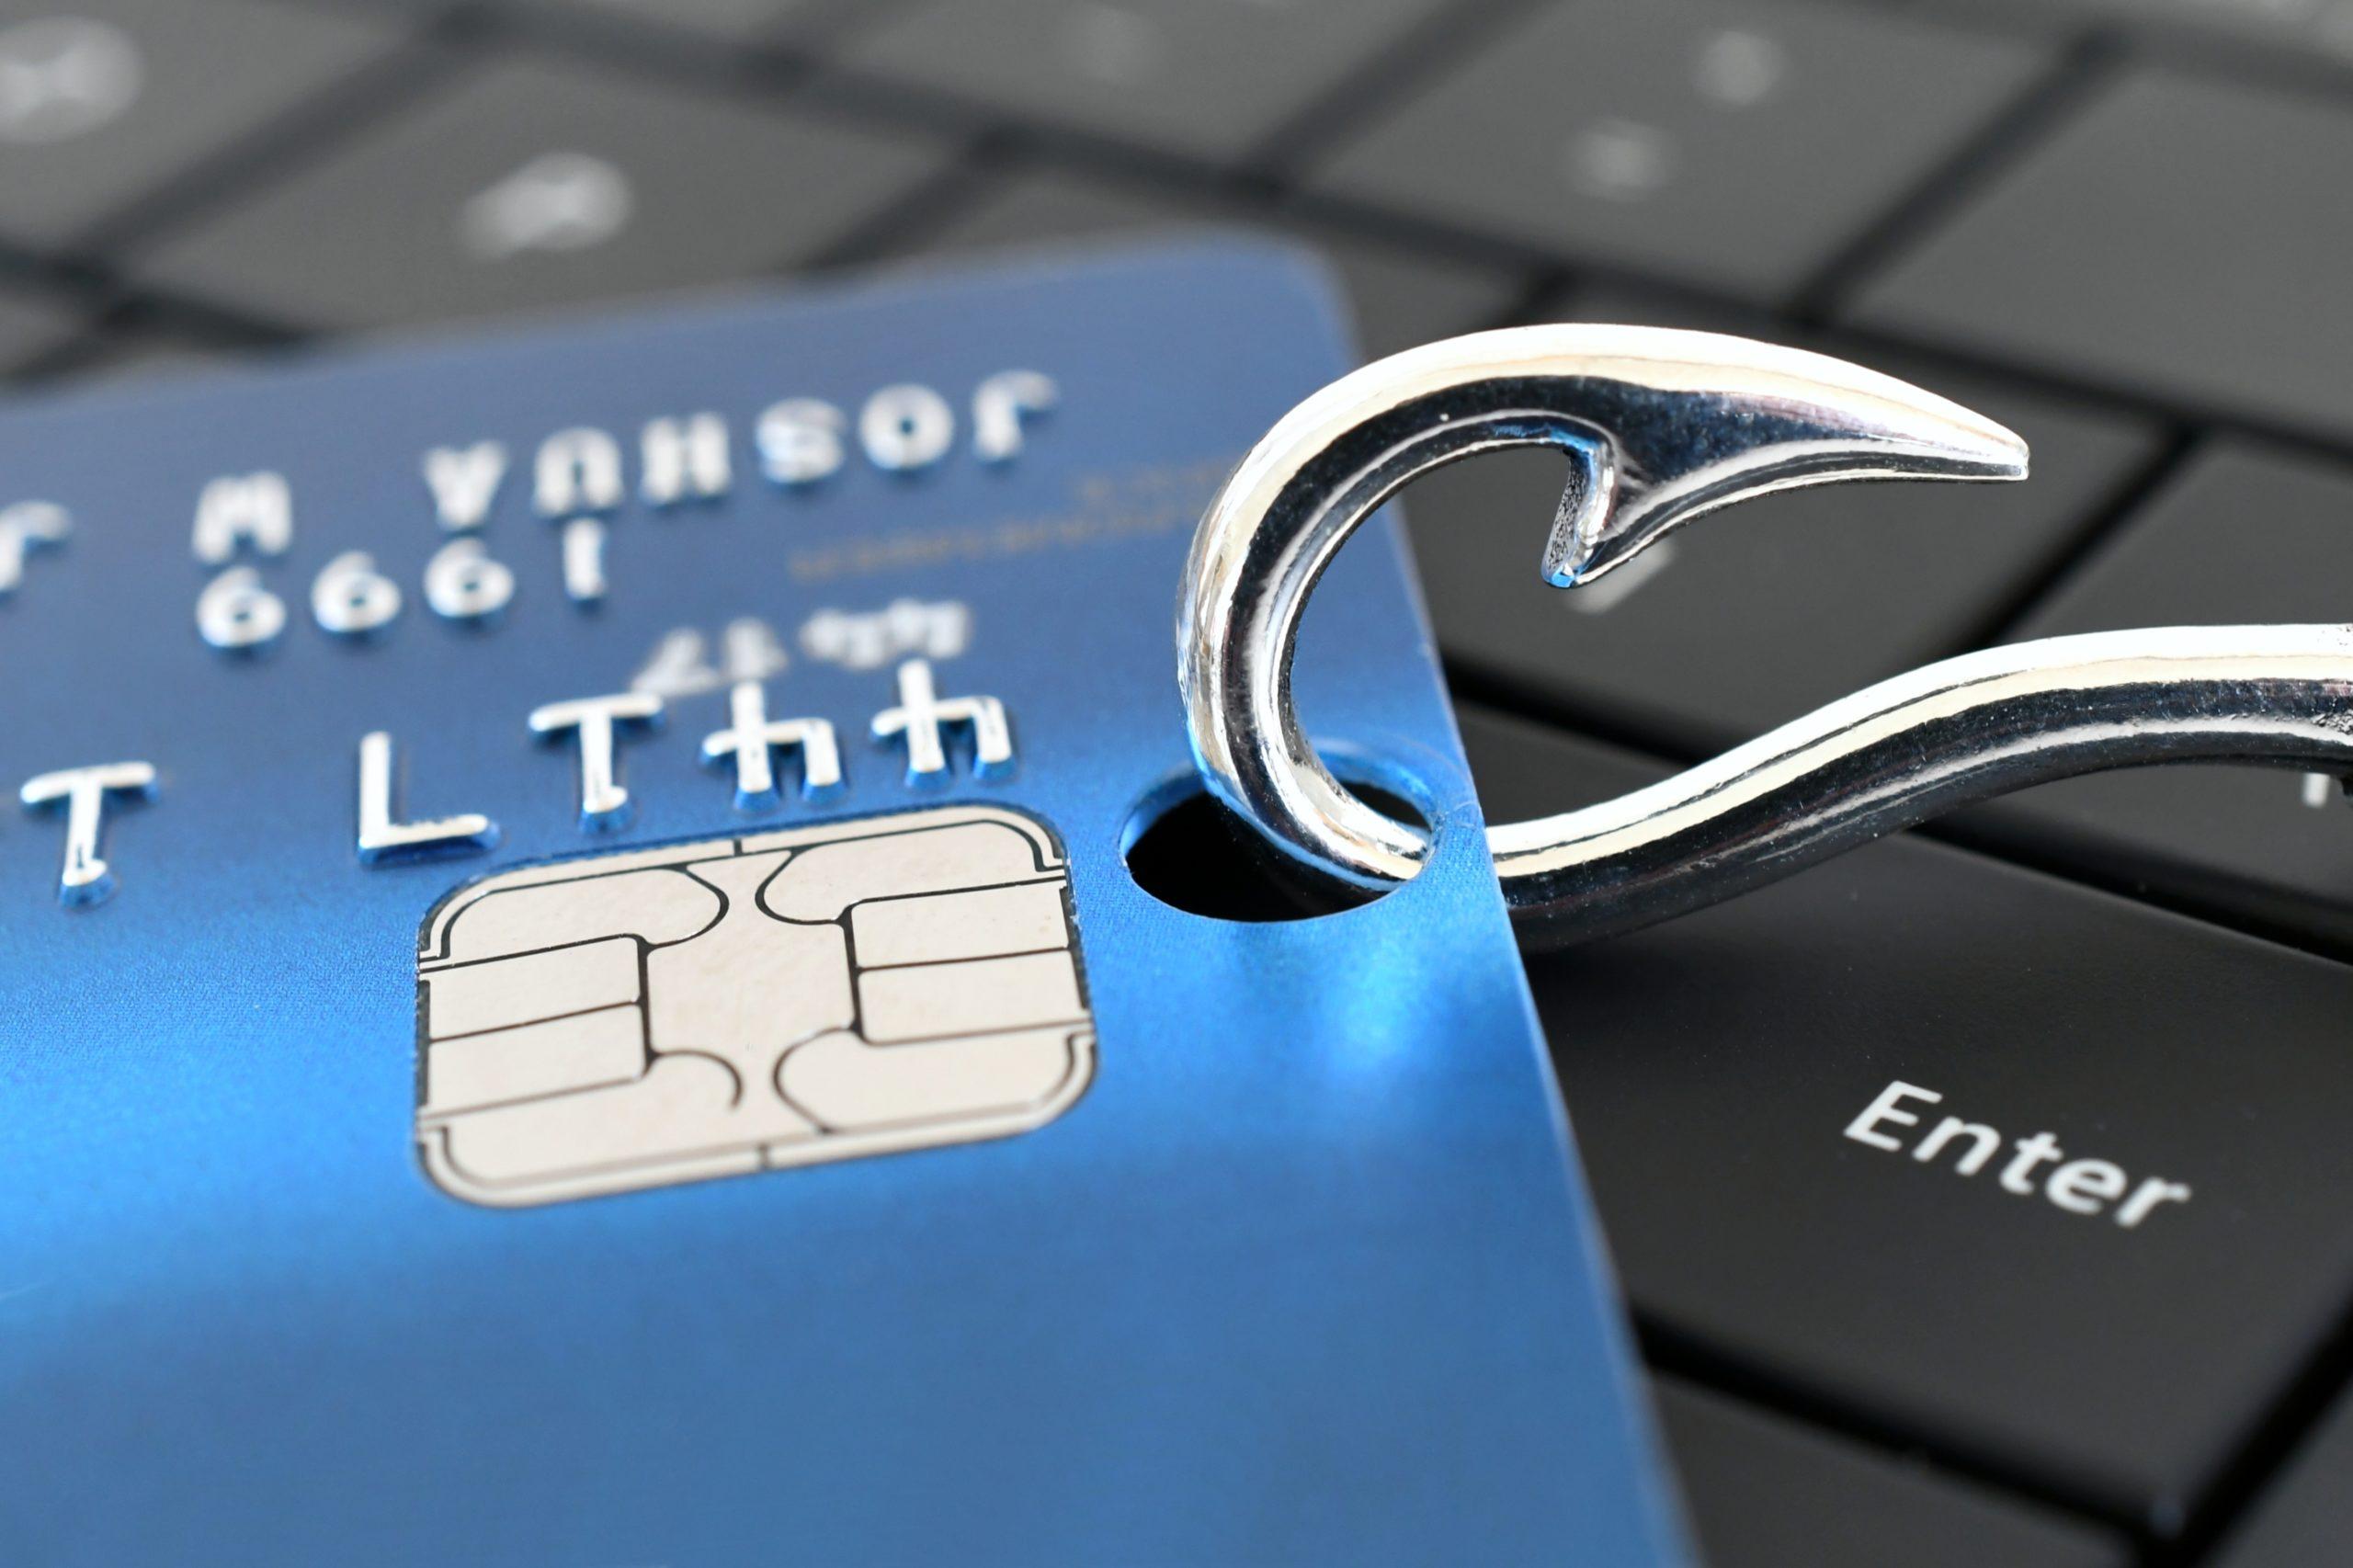 Beware of phishing scam